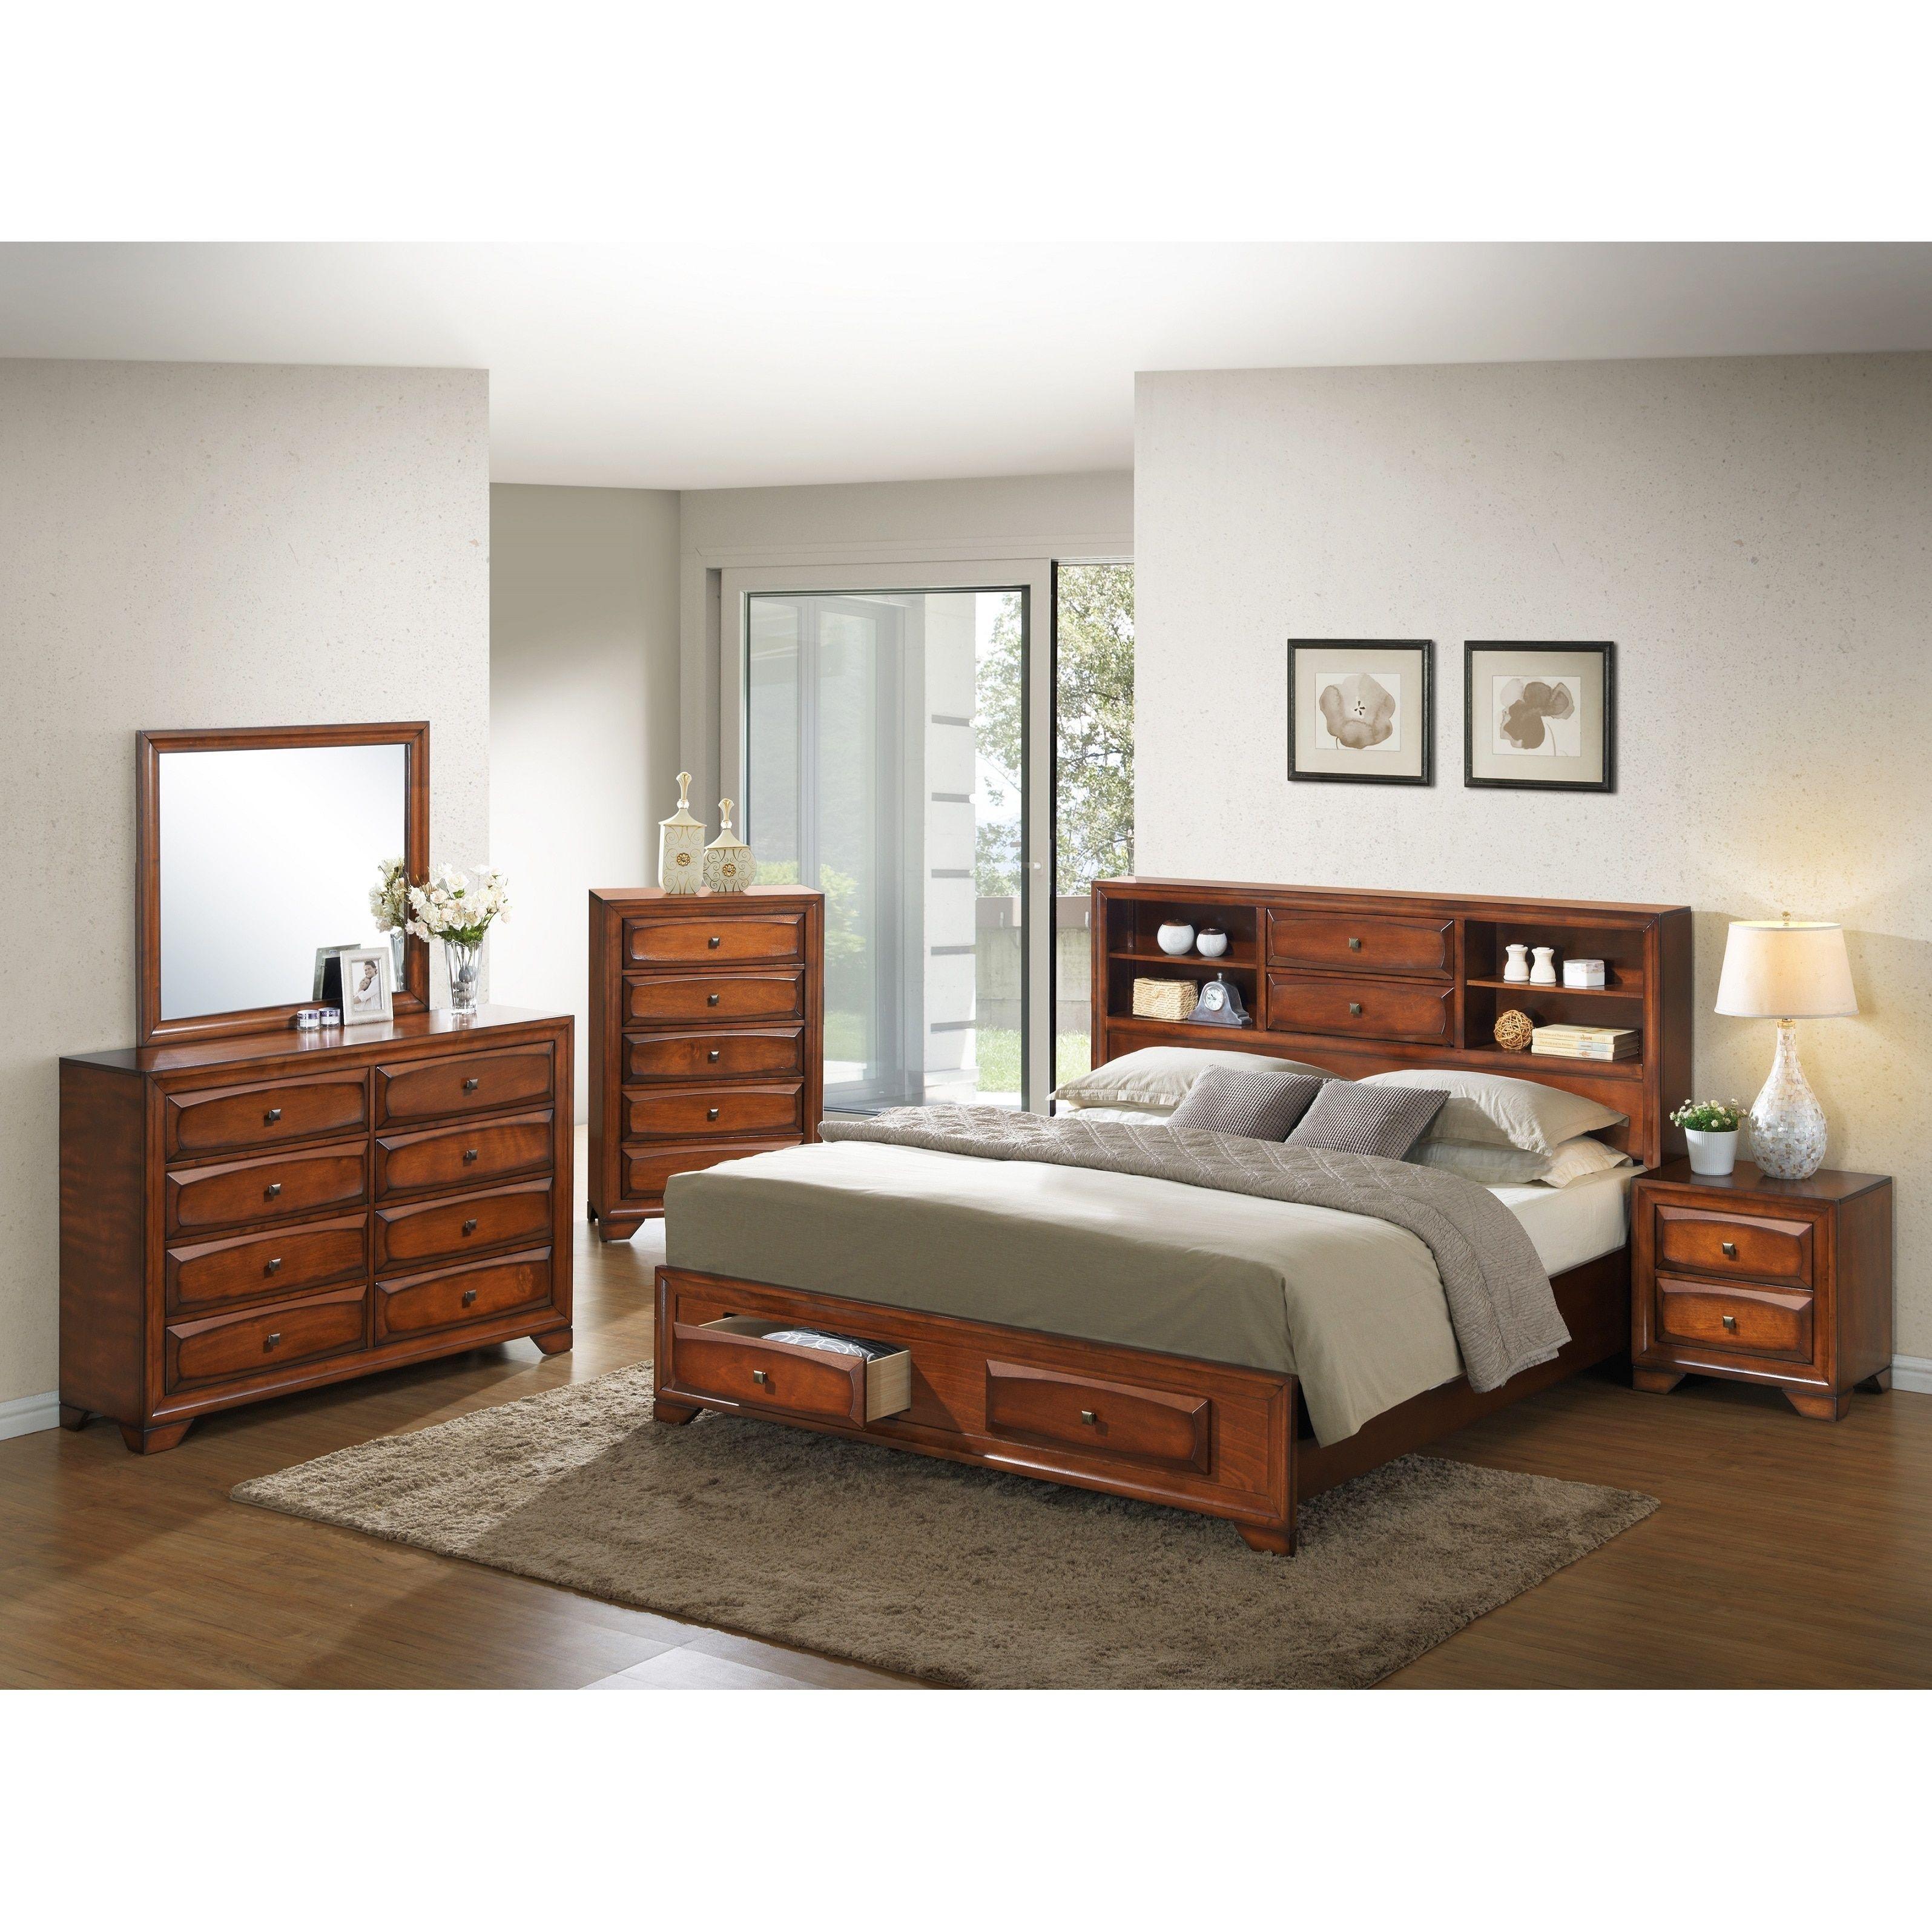 Asger Antique Oak Finish Wood Queensize 5piece Bedroom